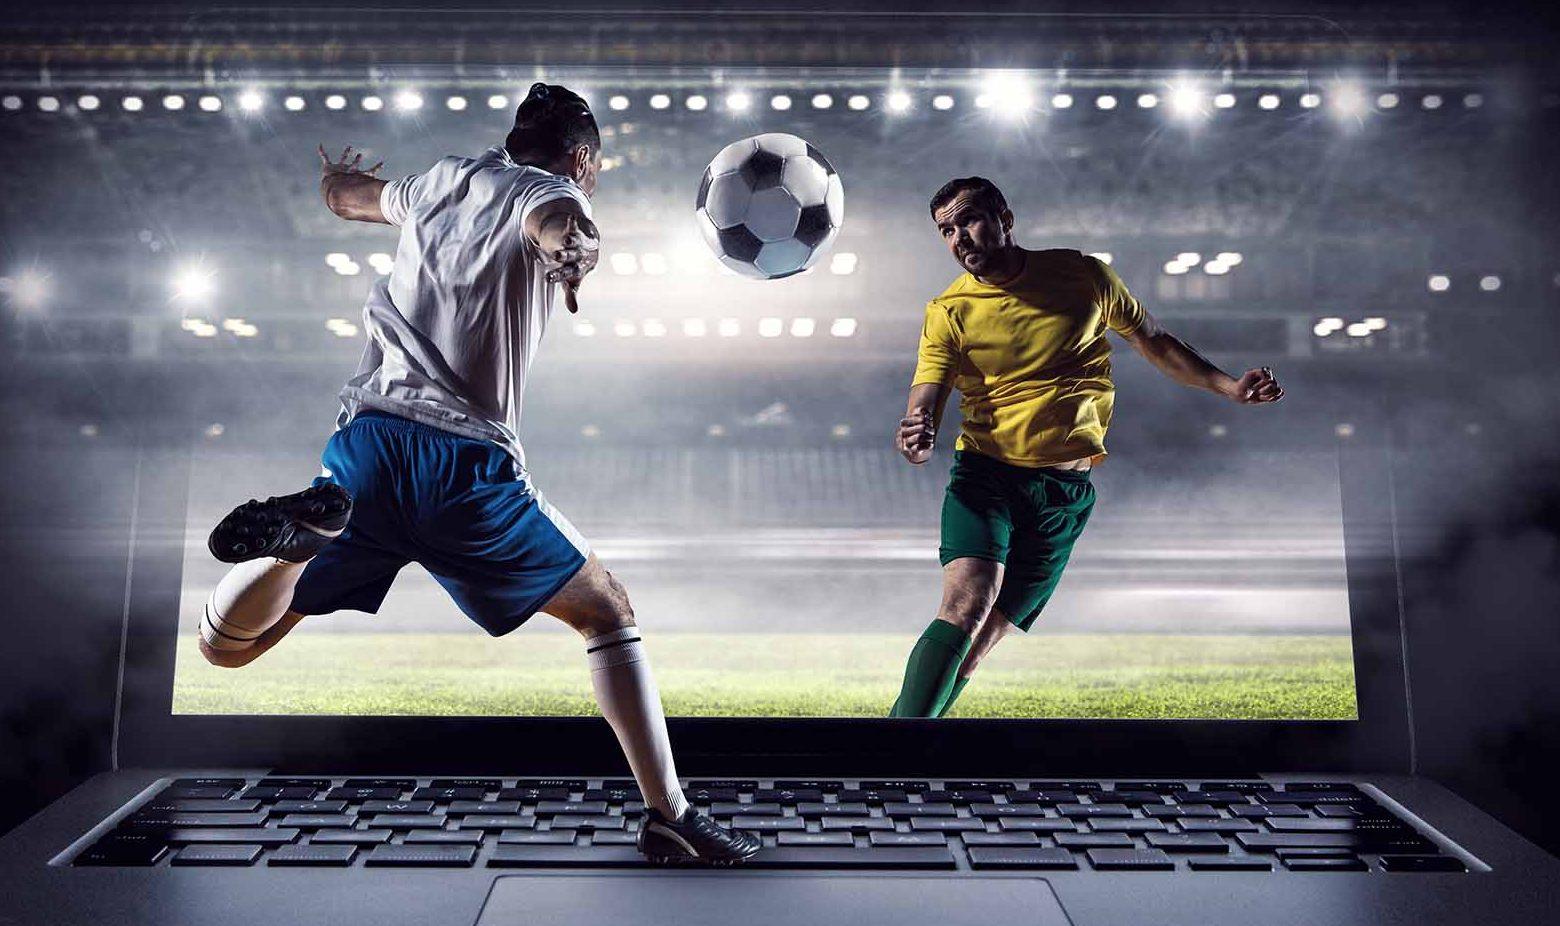 Слоты и спортивные ставки на одном сайте Favbet